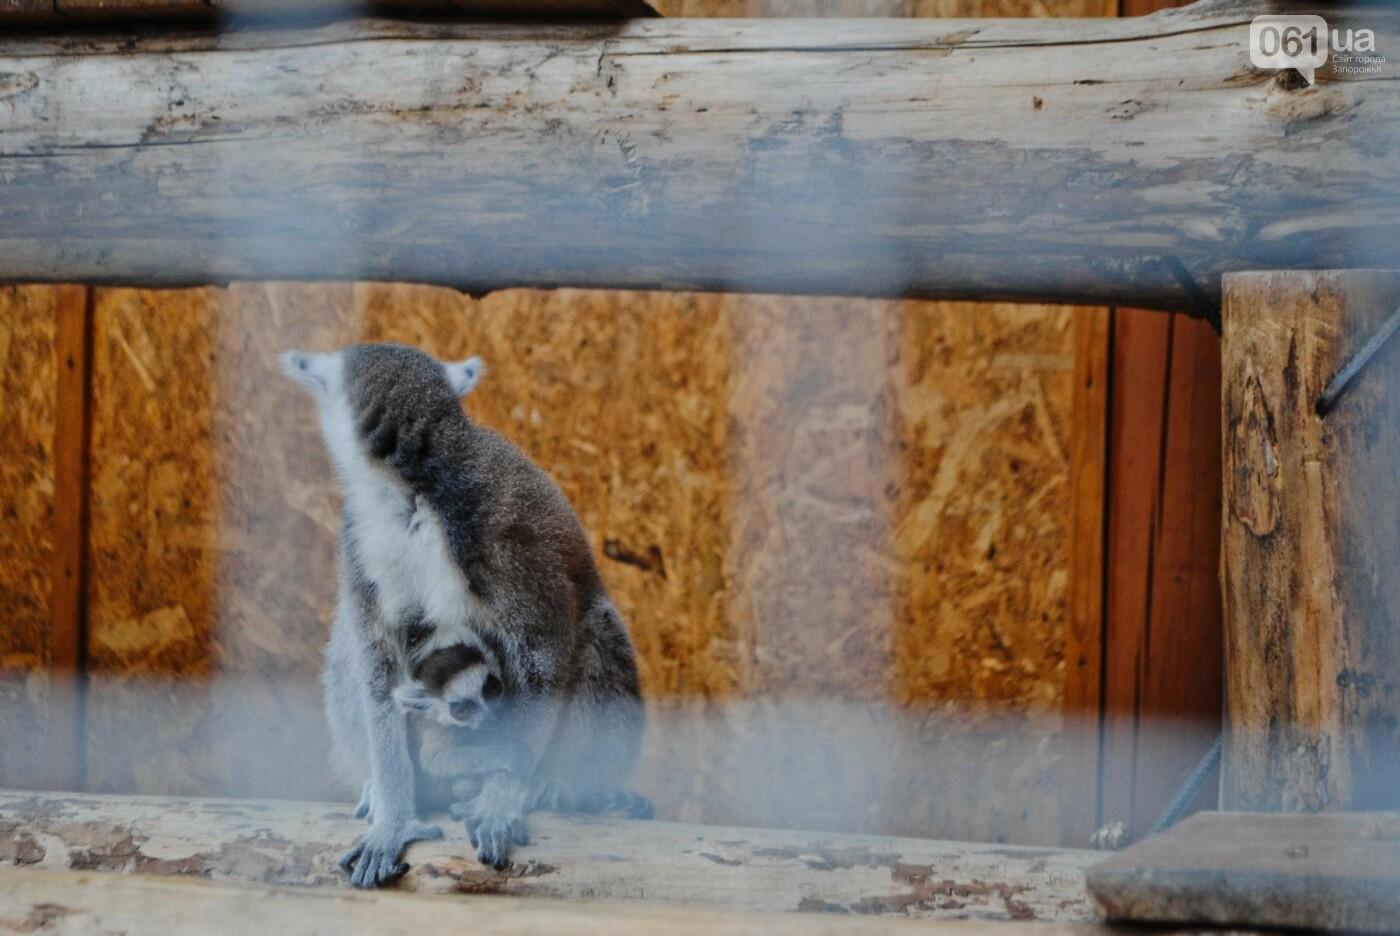 В бердянском зоопарке появились кенгуру: они любят хлеб и скоро станут ручными, - ФОТОРЕПОРТАЖ, фото-20